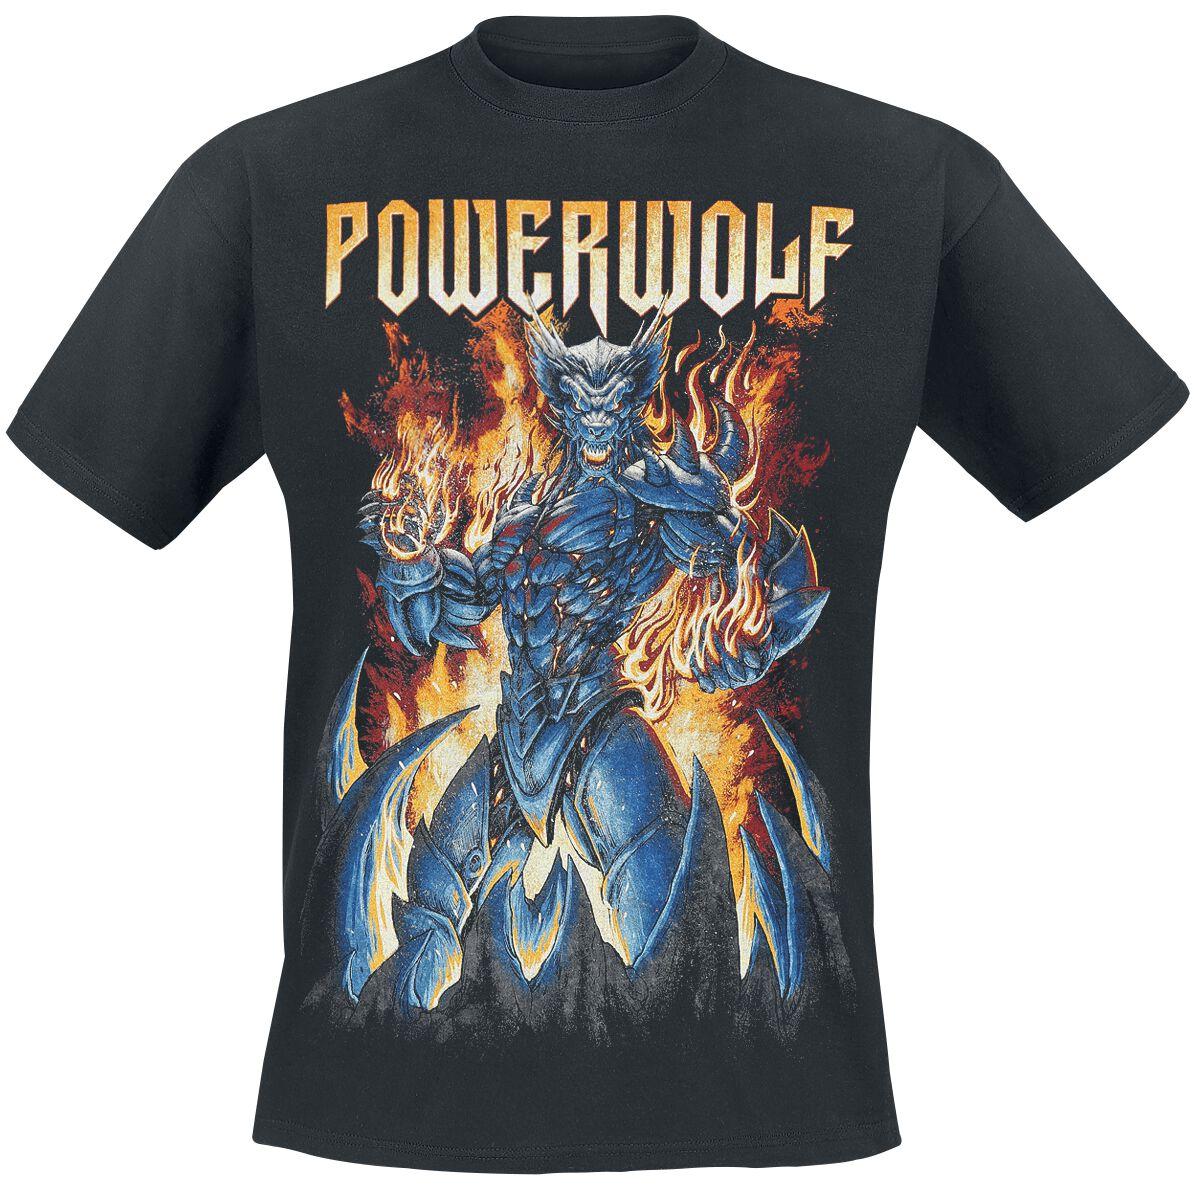 Image of   Powerwolf Robowolf T-Shirt sort